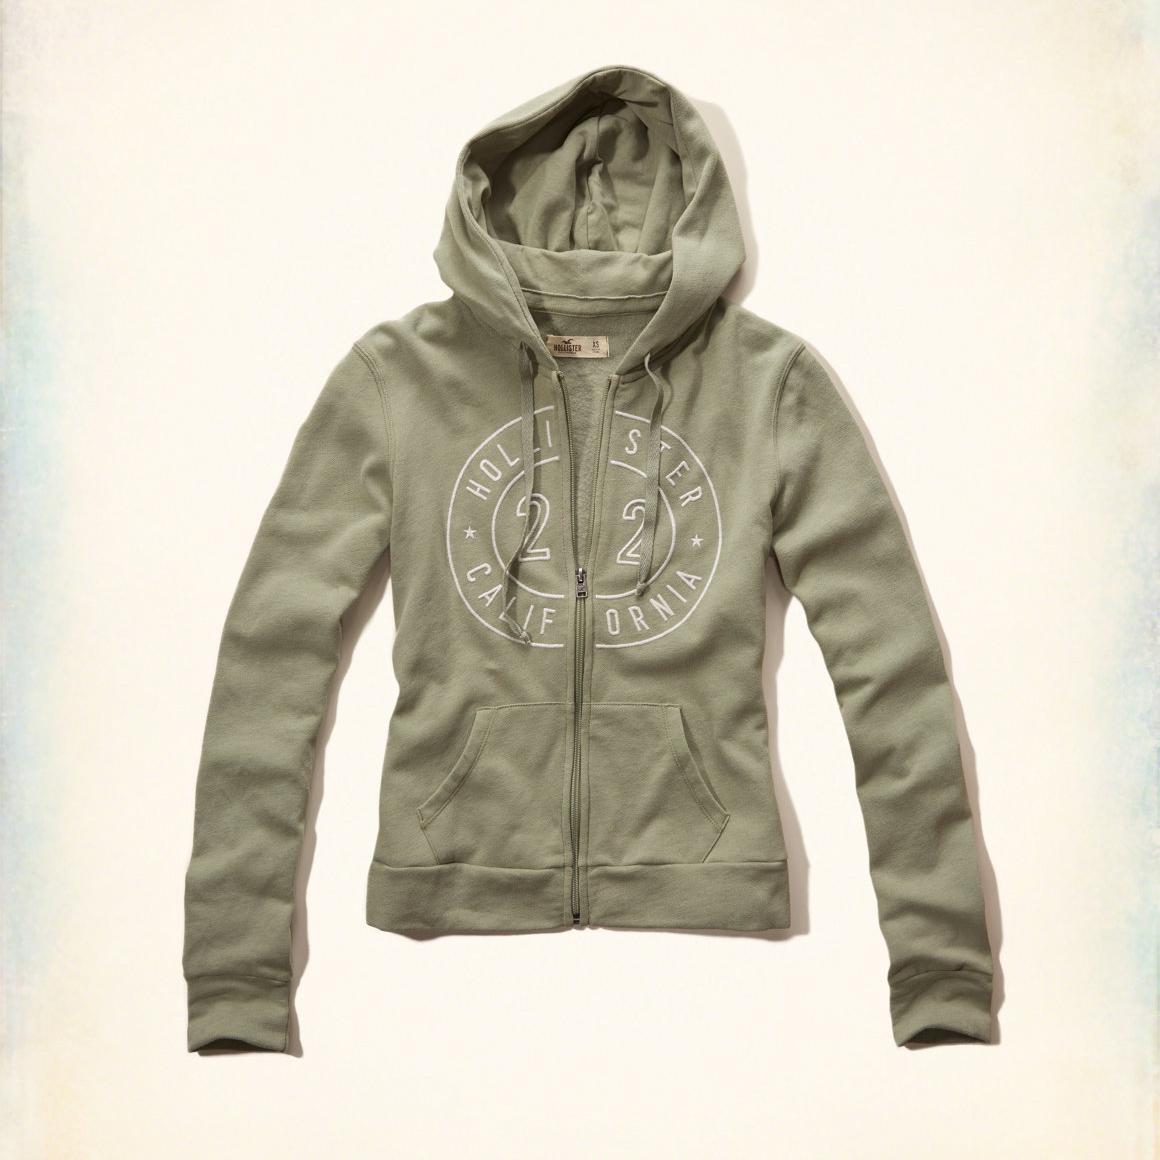 美國百分百【全新真品】Hollister Co. 外套 HCO 連帽 長袖 夾克 海鷗 刷毛 淺綠 女 特價 XS S M號 F822